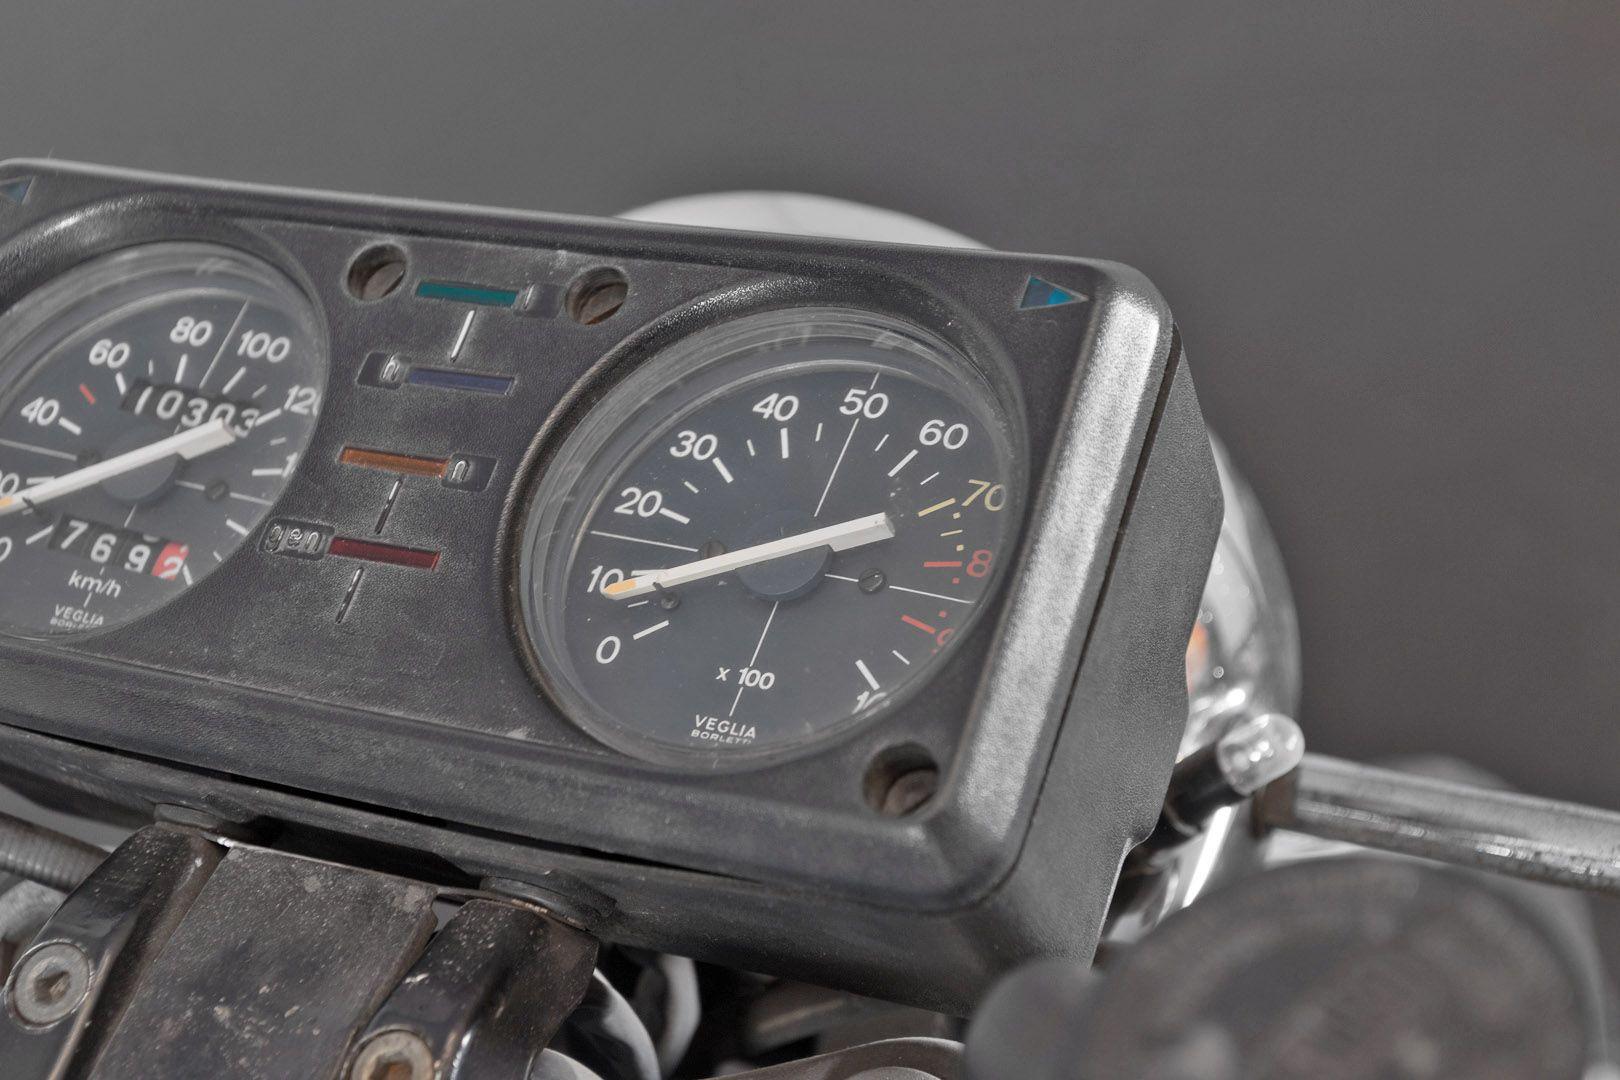 1976 Moto Guzzi 250 2C 2T 74674